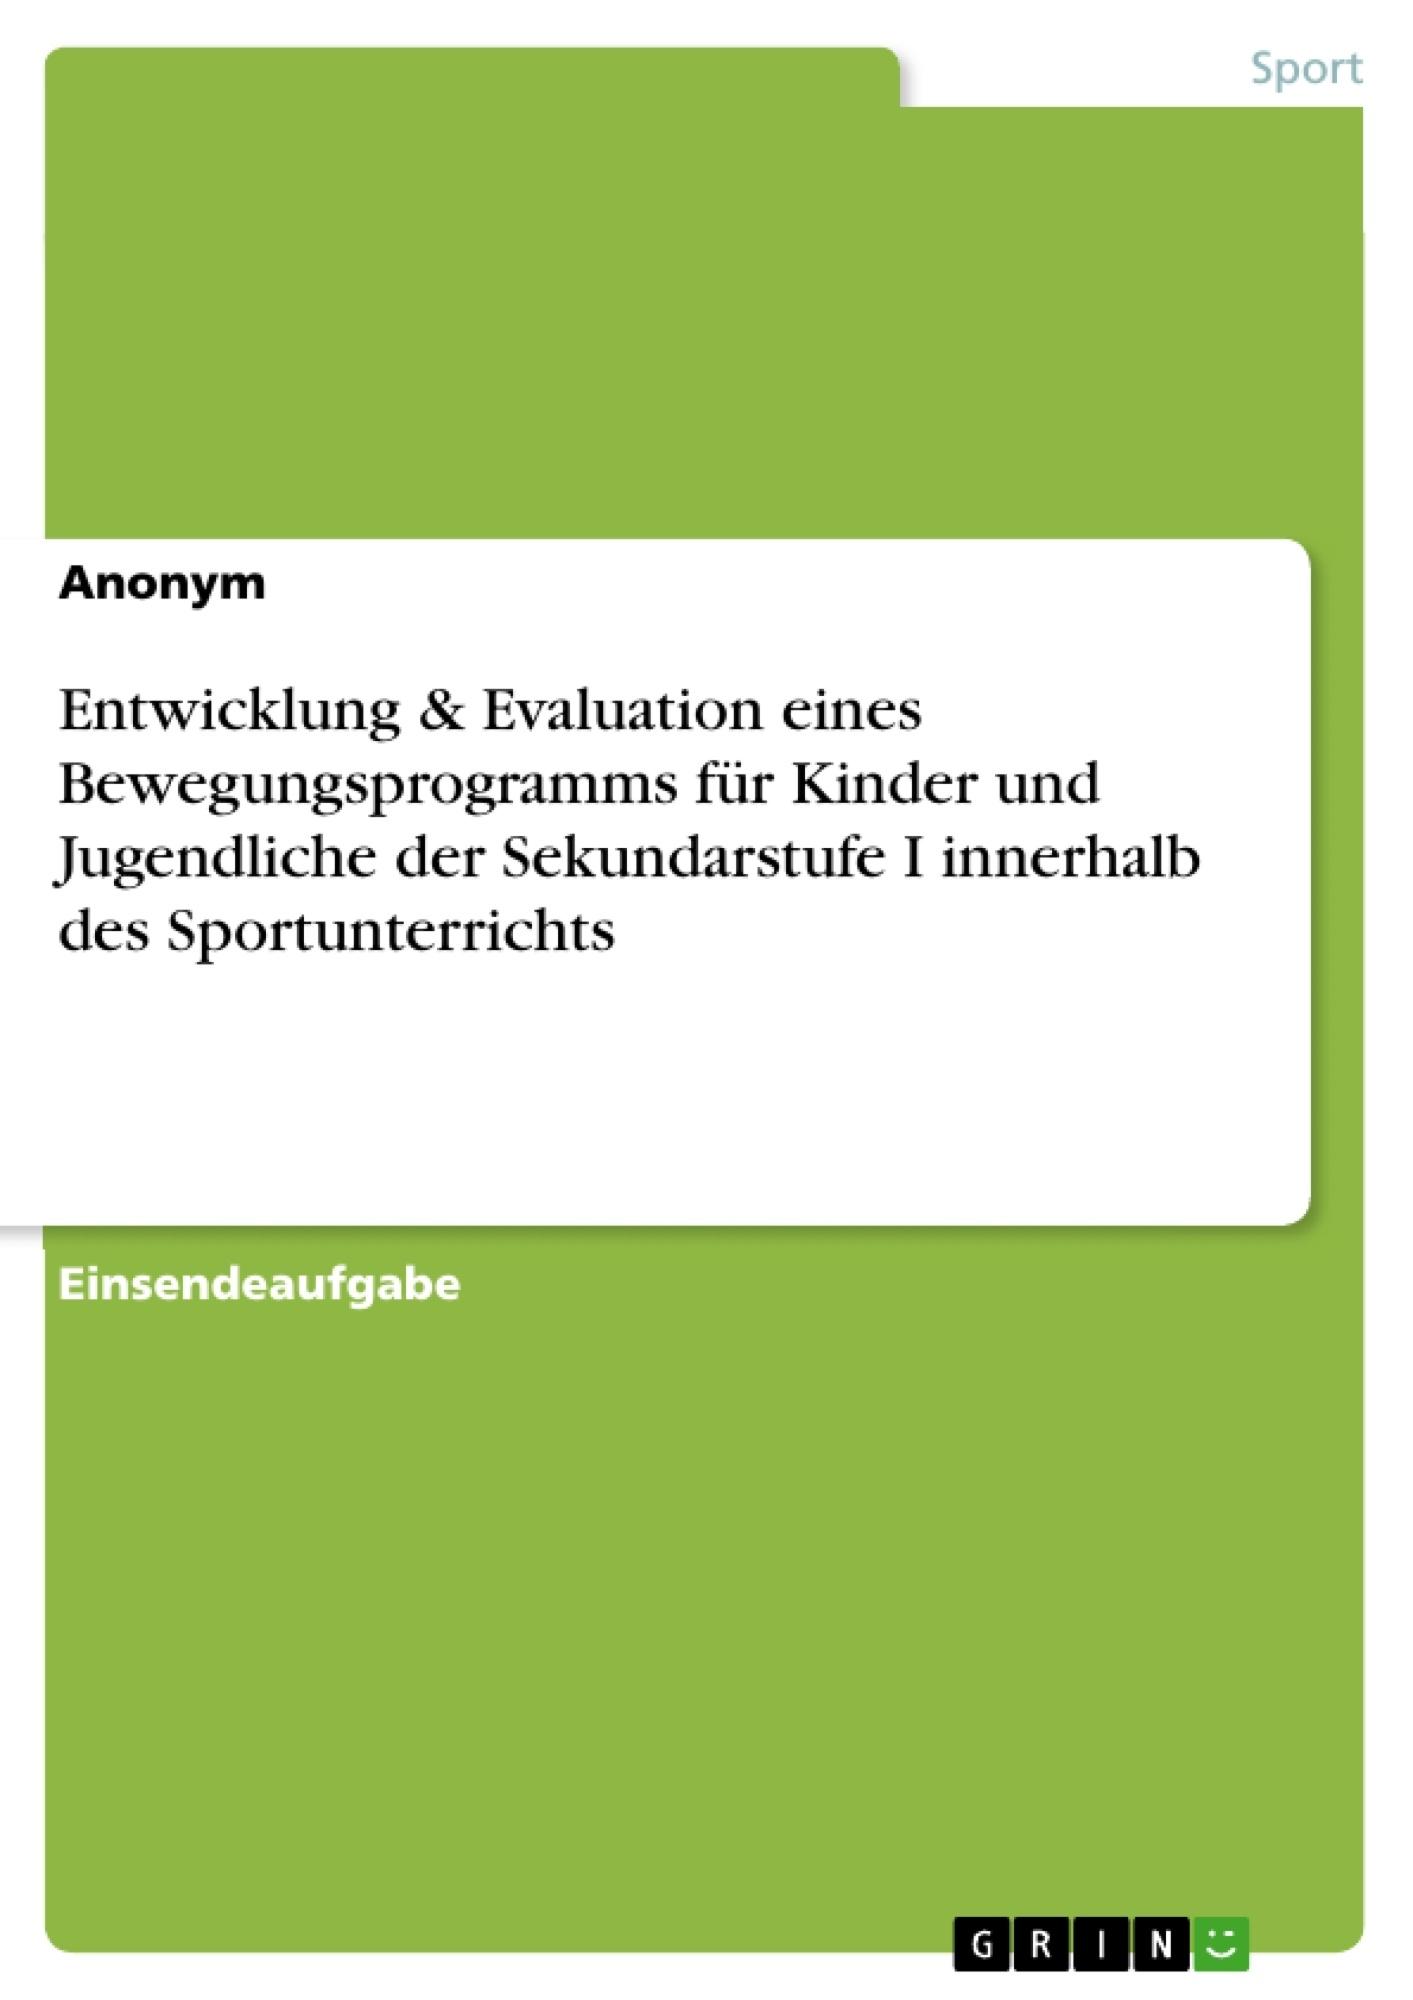 Titel: Entwicklung & Evaluation eines Bewegungsprogramms für Kinder und Jugendliche der Sekundarstufe I innerhalb des Sportunterrichts